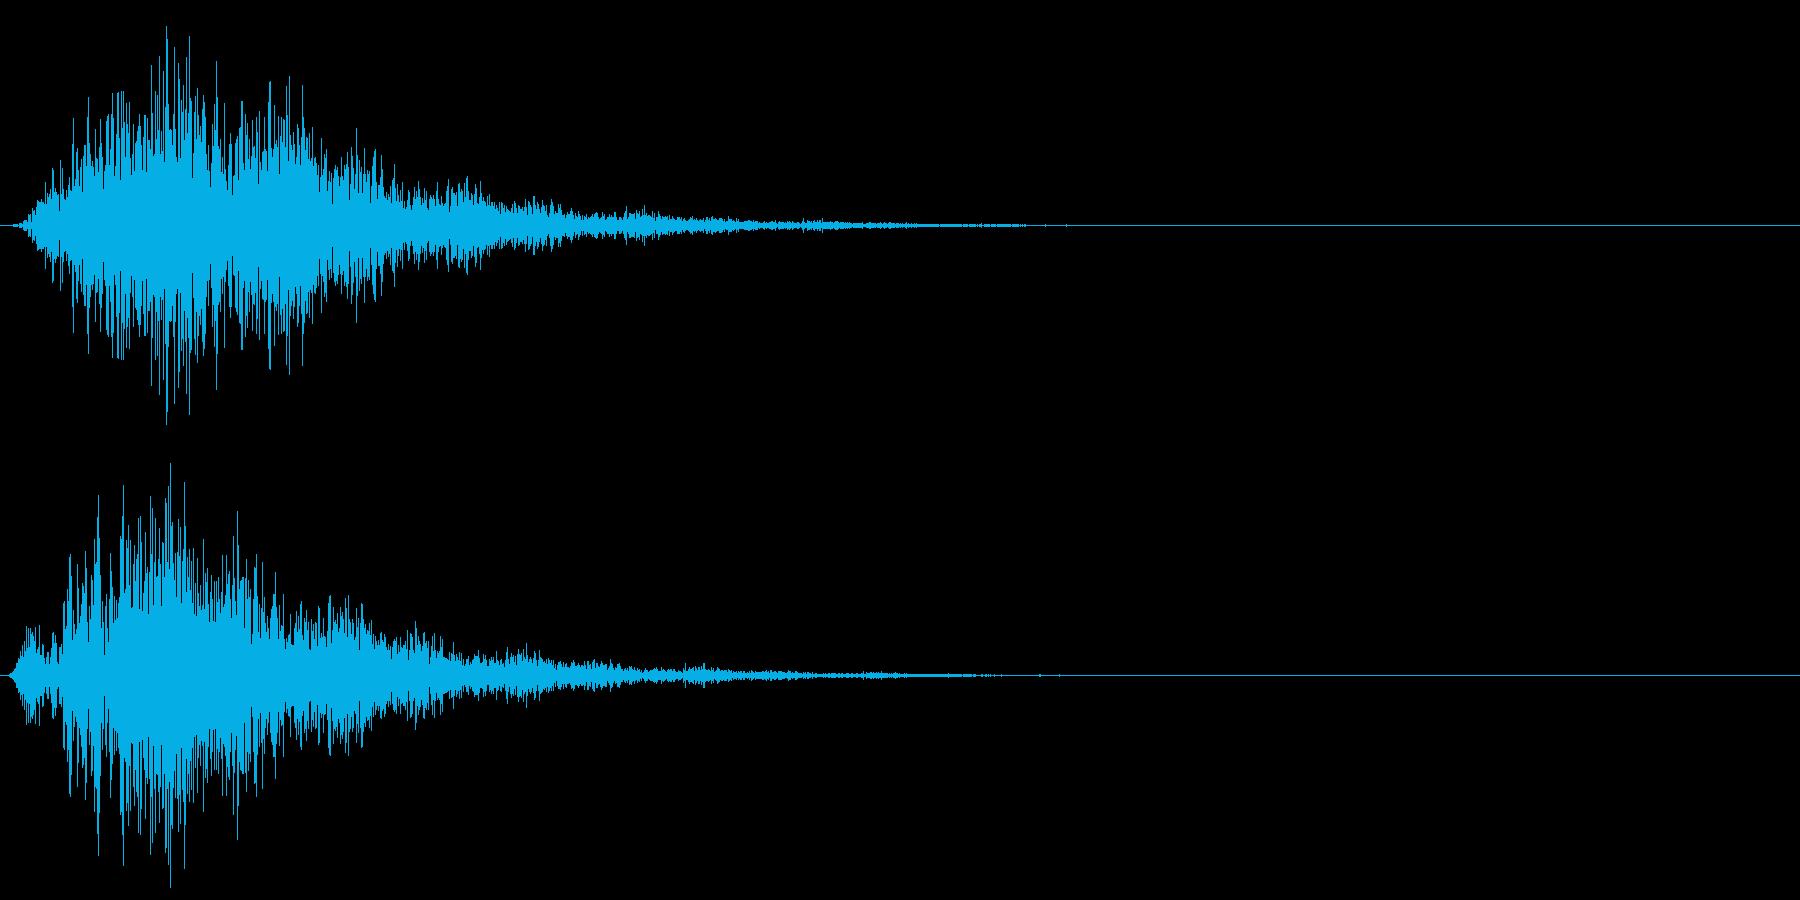 フワーワンワン…(怪しい・不思議・奇妙)の再生済みの波形